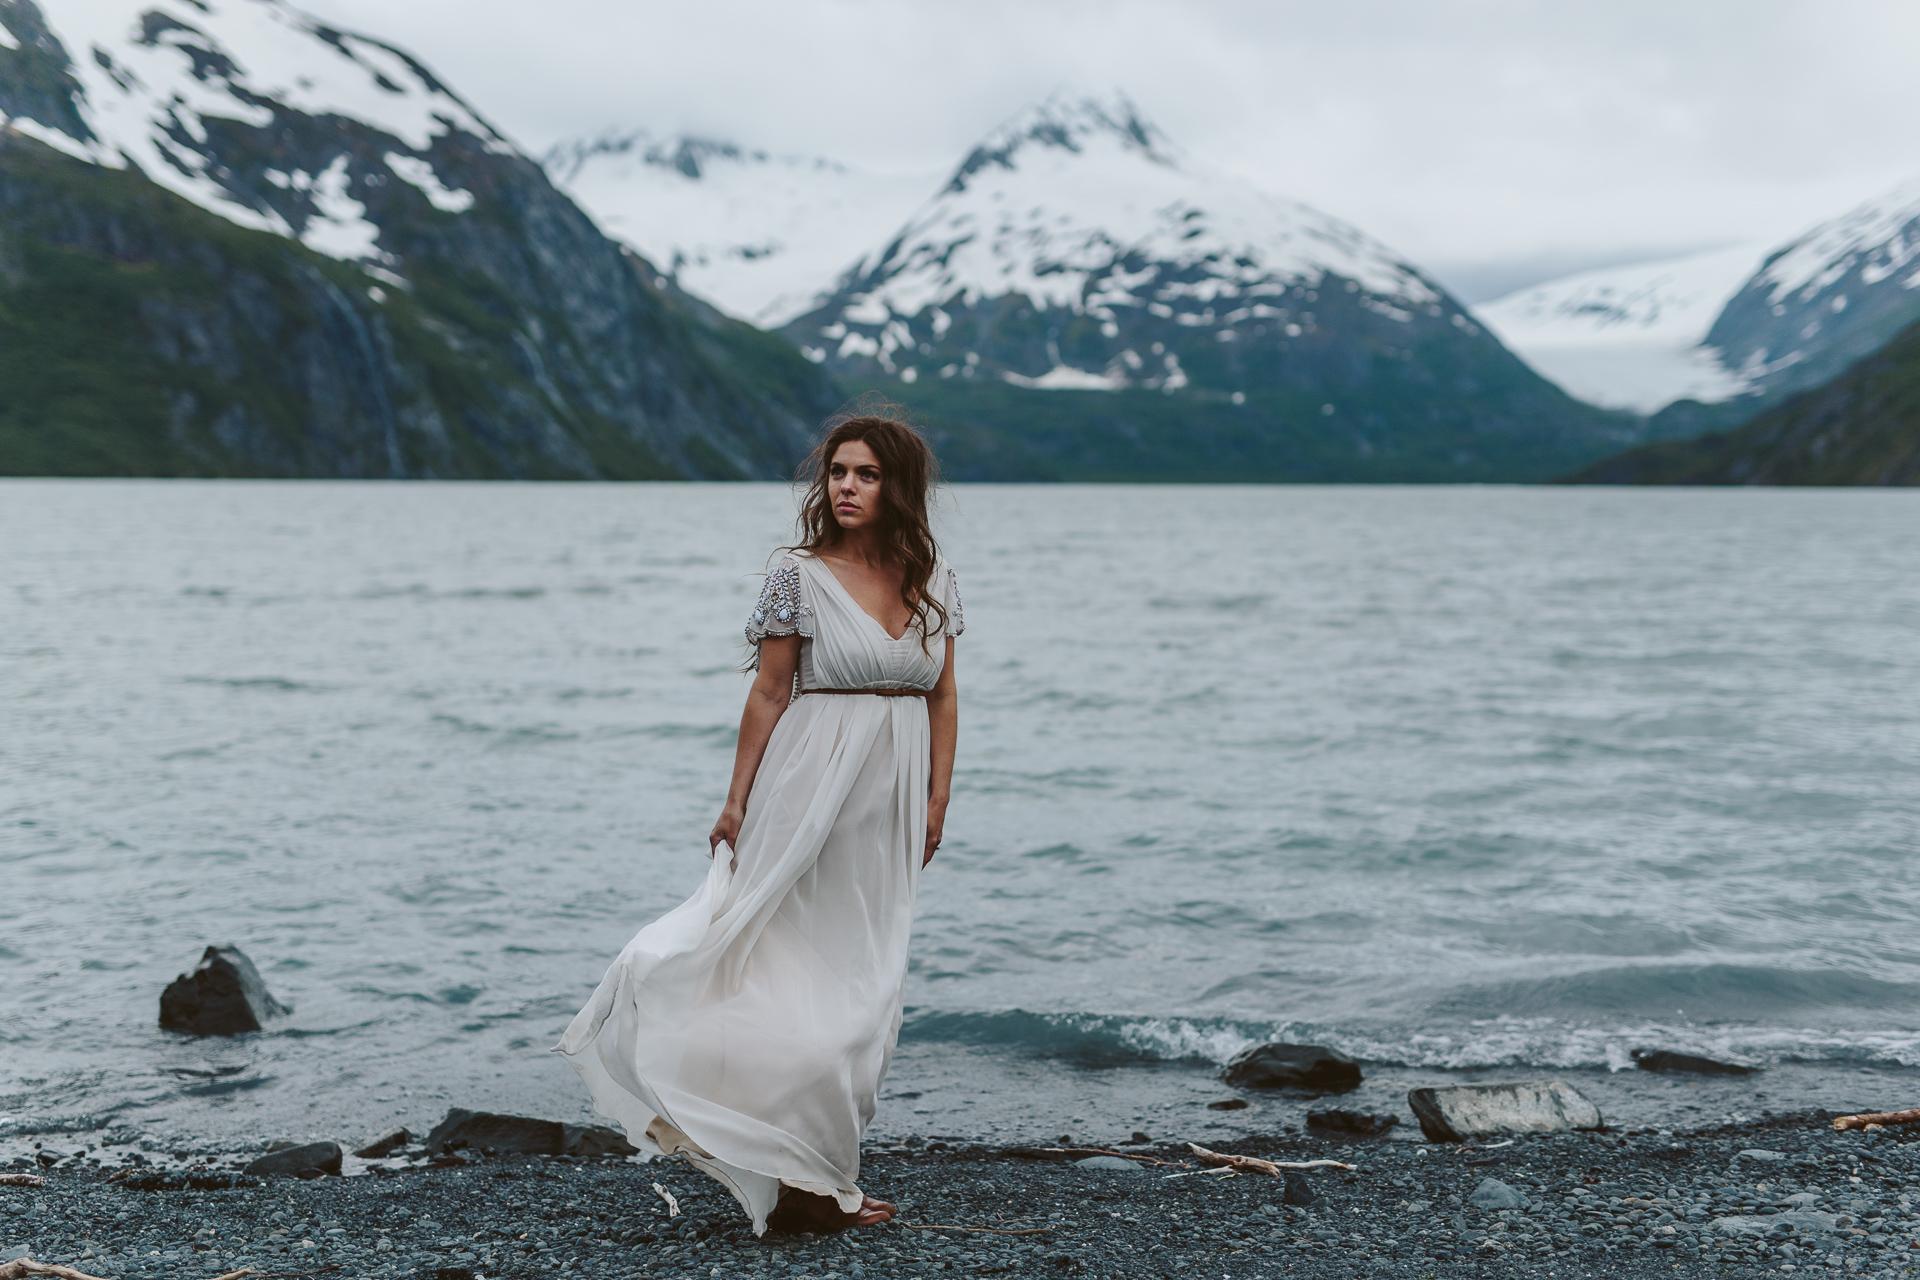 jess-hunter-photographer-alaska-destination-elopement-6035.jpg